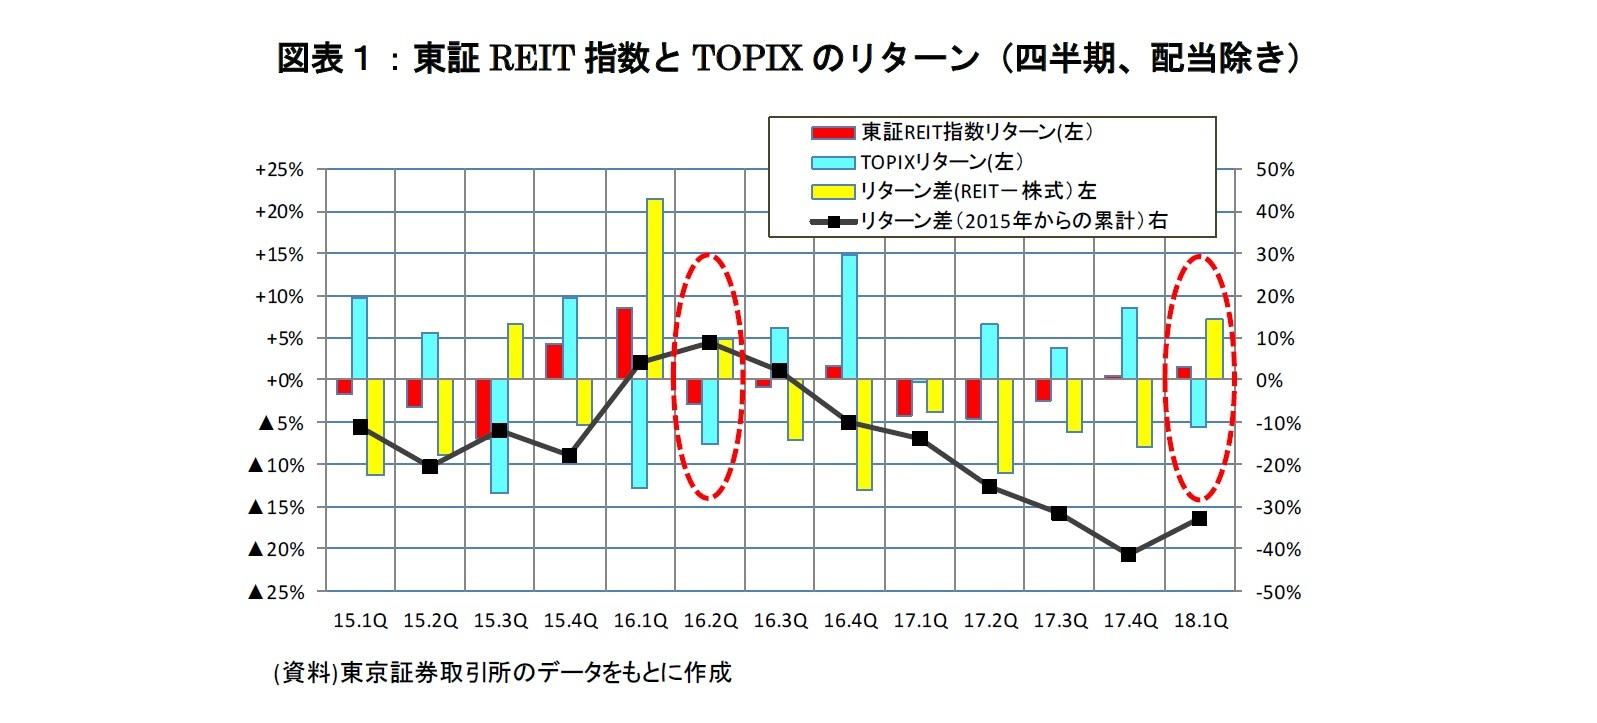 図表1:東証REIT指数とTOPIXのリターン(四半期、配当除き)